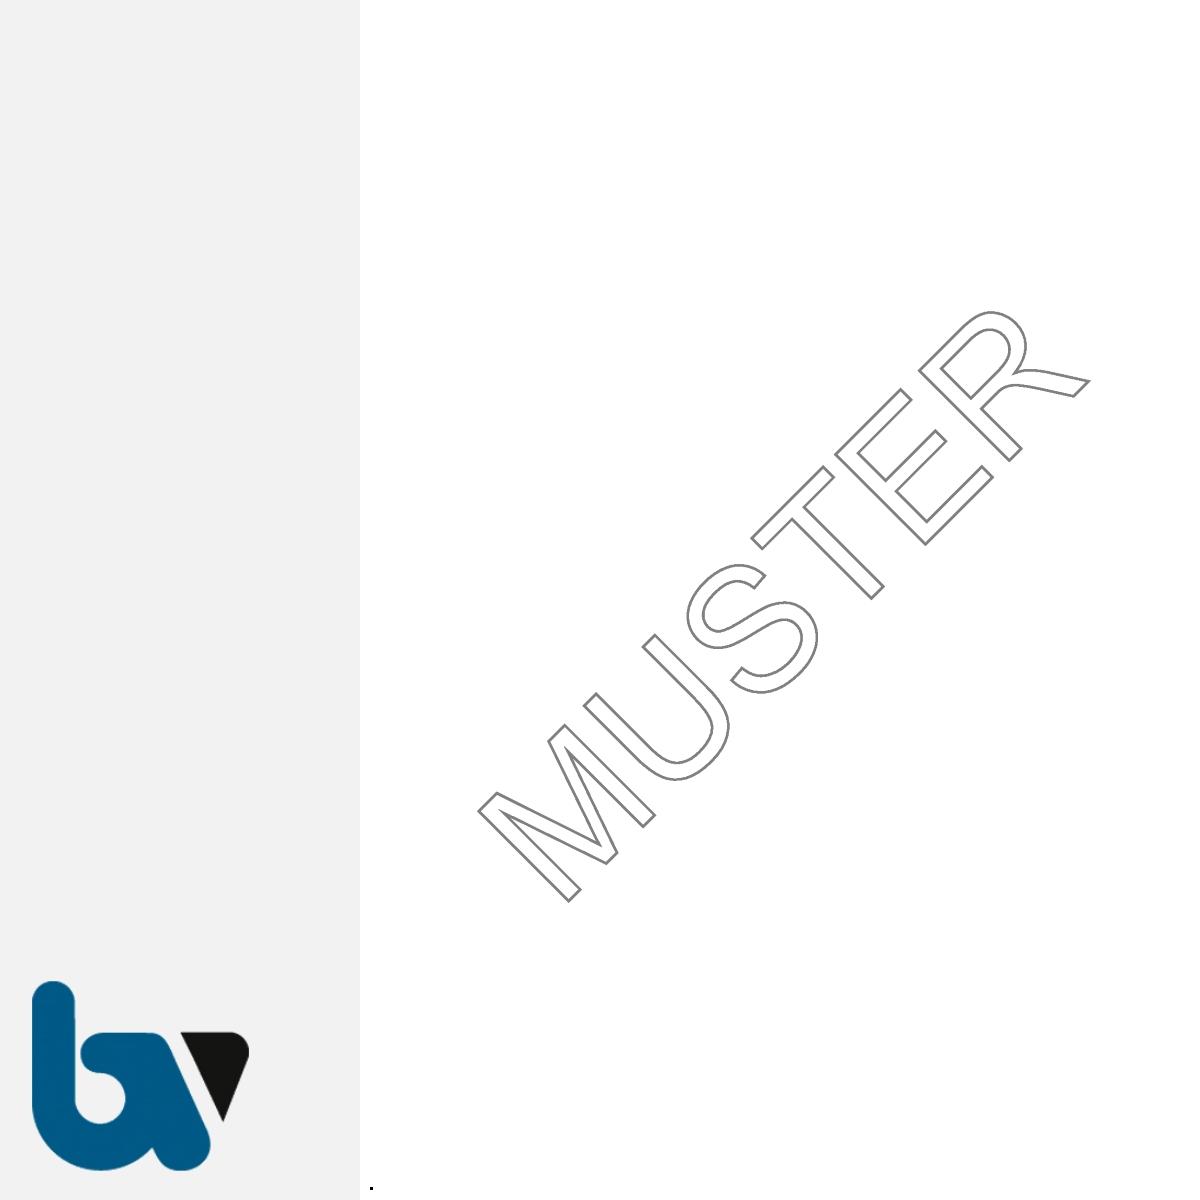 0/168-5u Sicherheitspapier Standesamt Personenstand Urkunde Kopierschutz Scanschutz Dokument Security Blanko ungelocht Stammbuch DIN A4